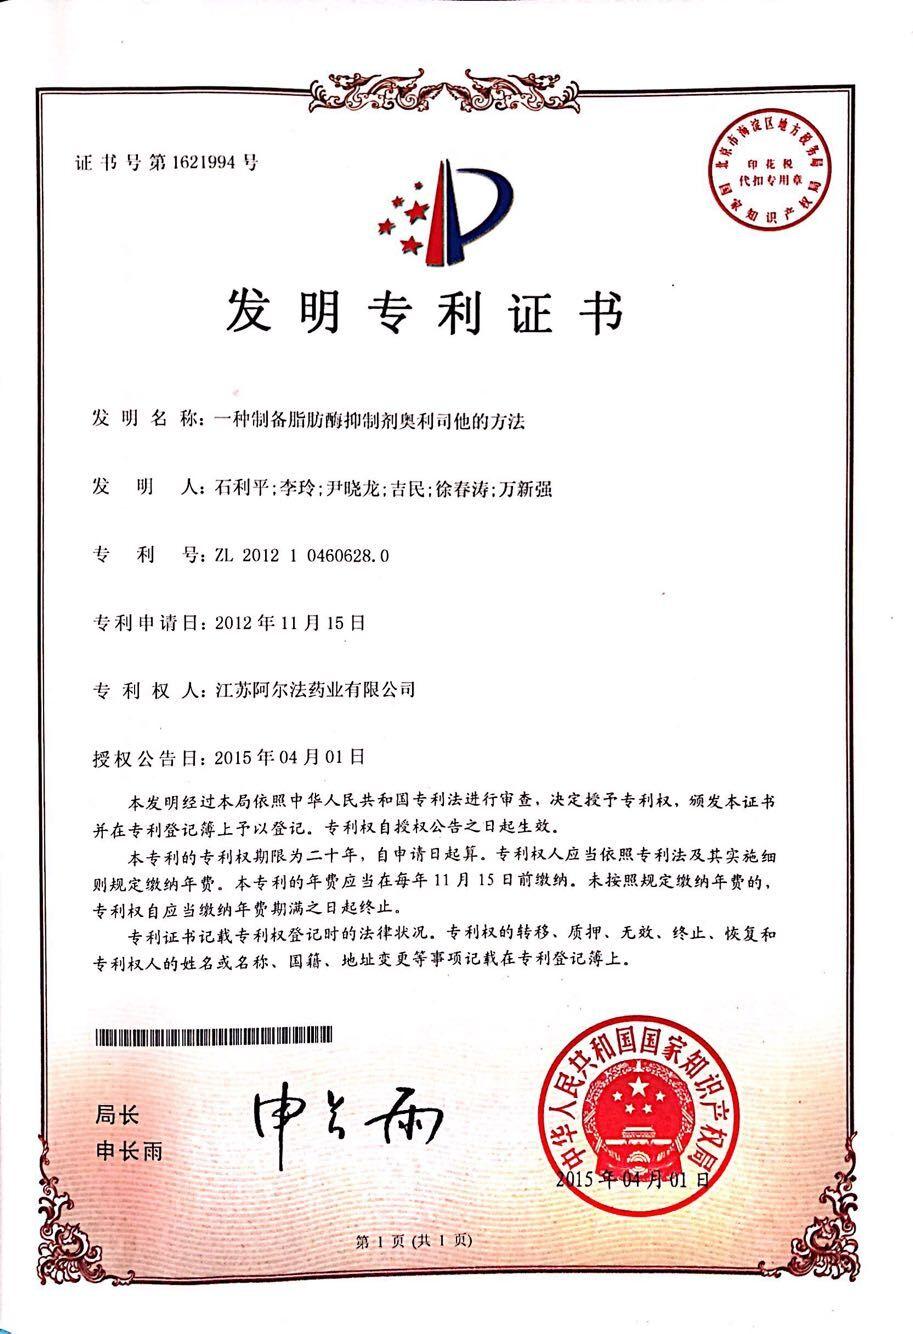 荣誉-专利-10.一种制备脂肪酶抑制剂奥利司他的方法